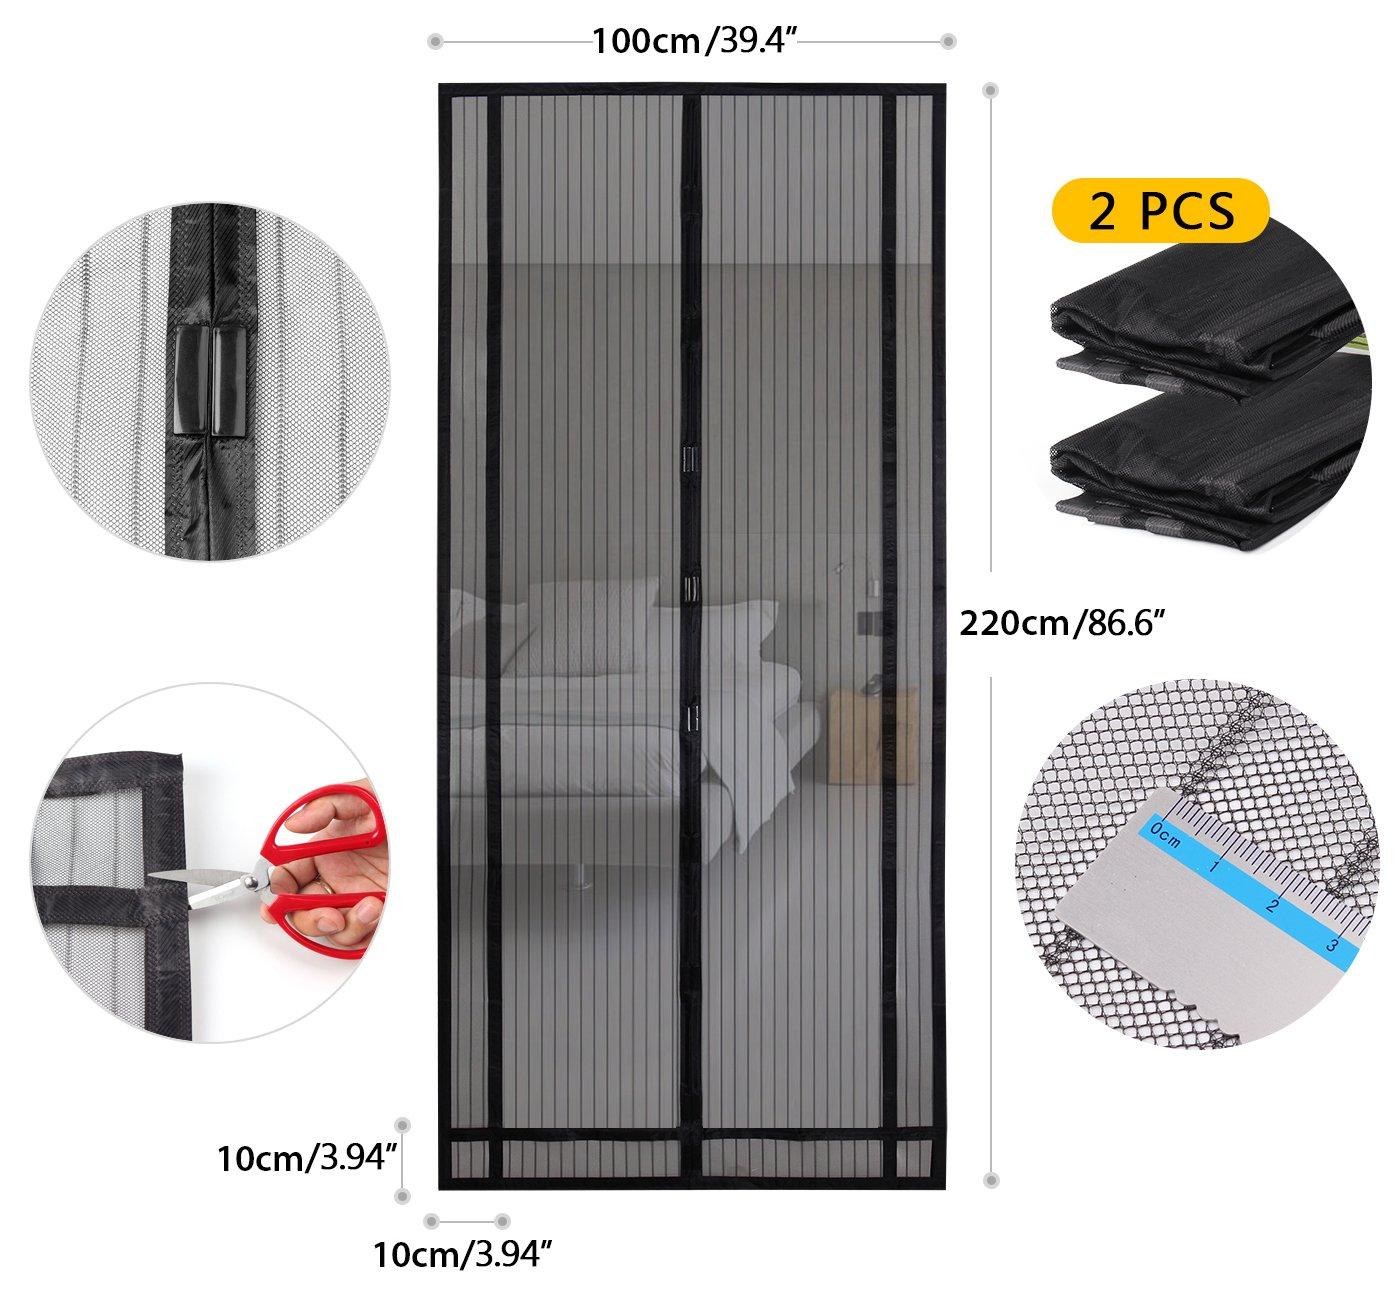 Sekey 2PCS 220x100 cm Rideau magn/étique anti-insectes id/éal pour porte de balcon Noir d/écoupable en hauteur et largeur Montage facile /à coller porte de cave porte de terrasse